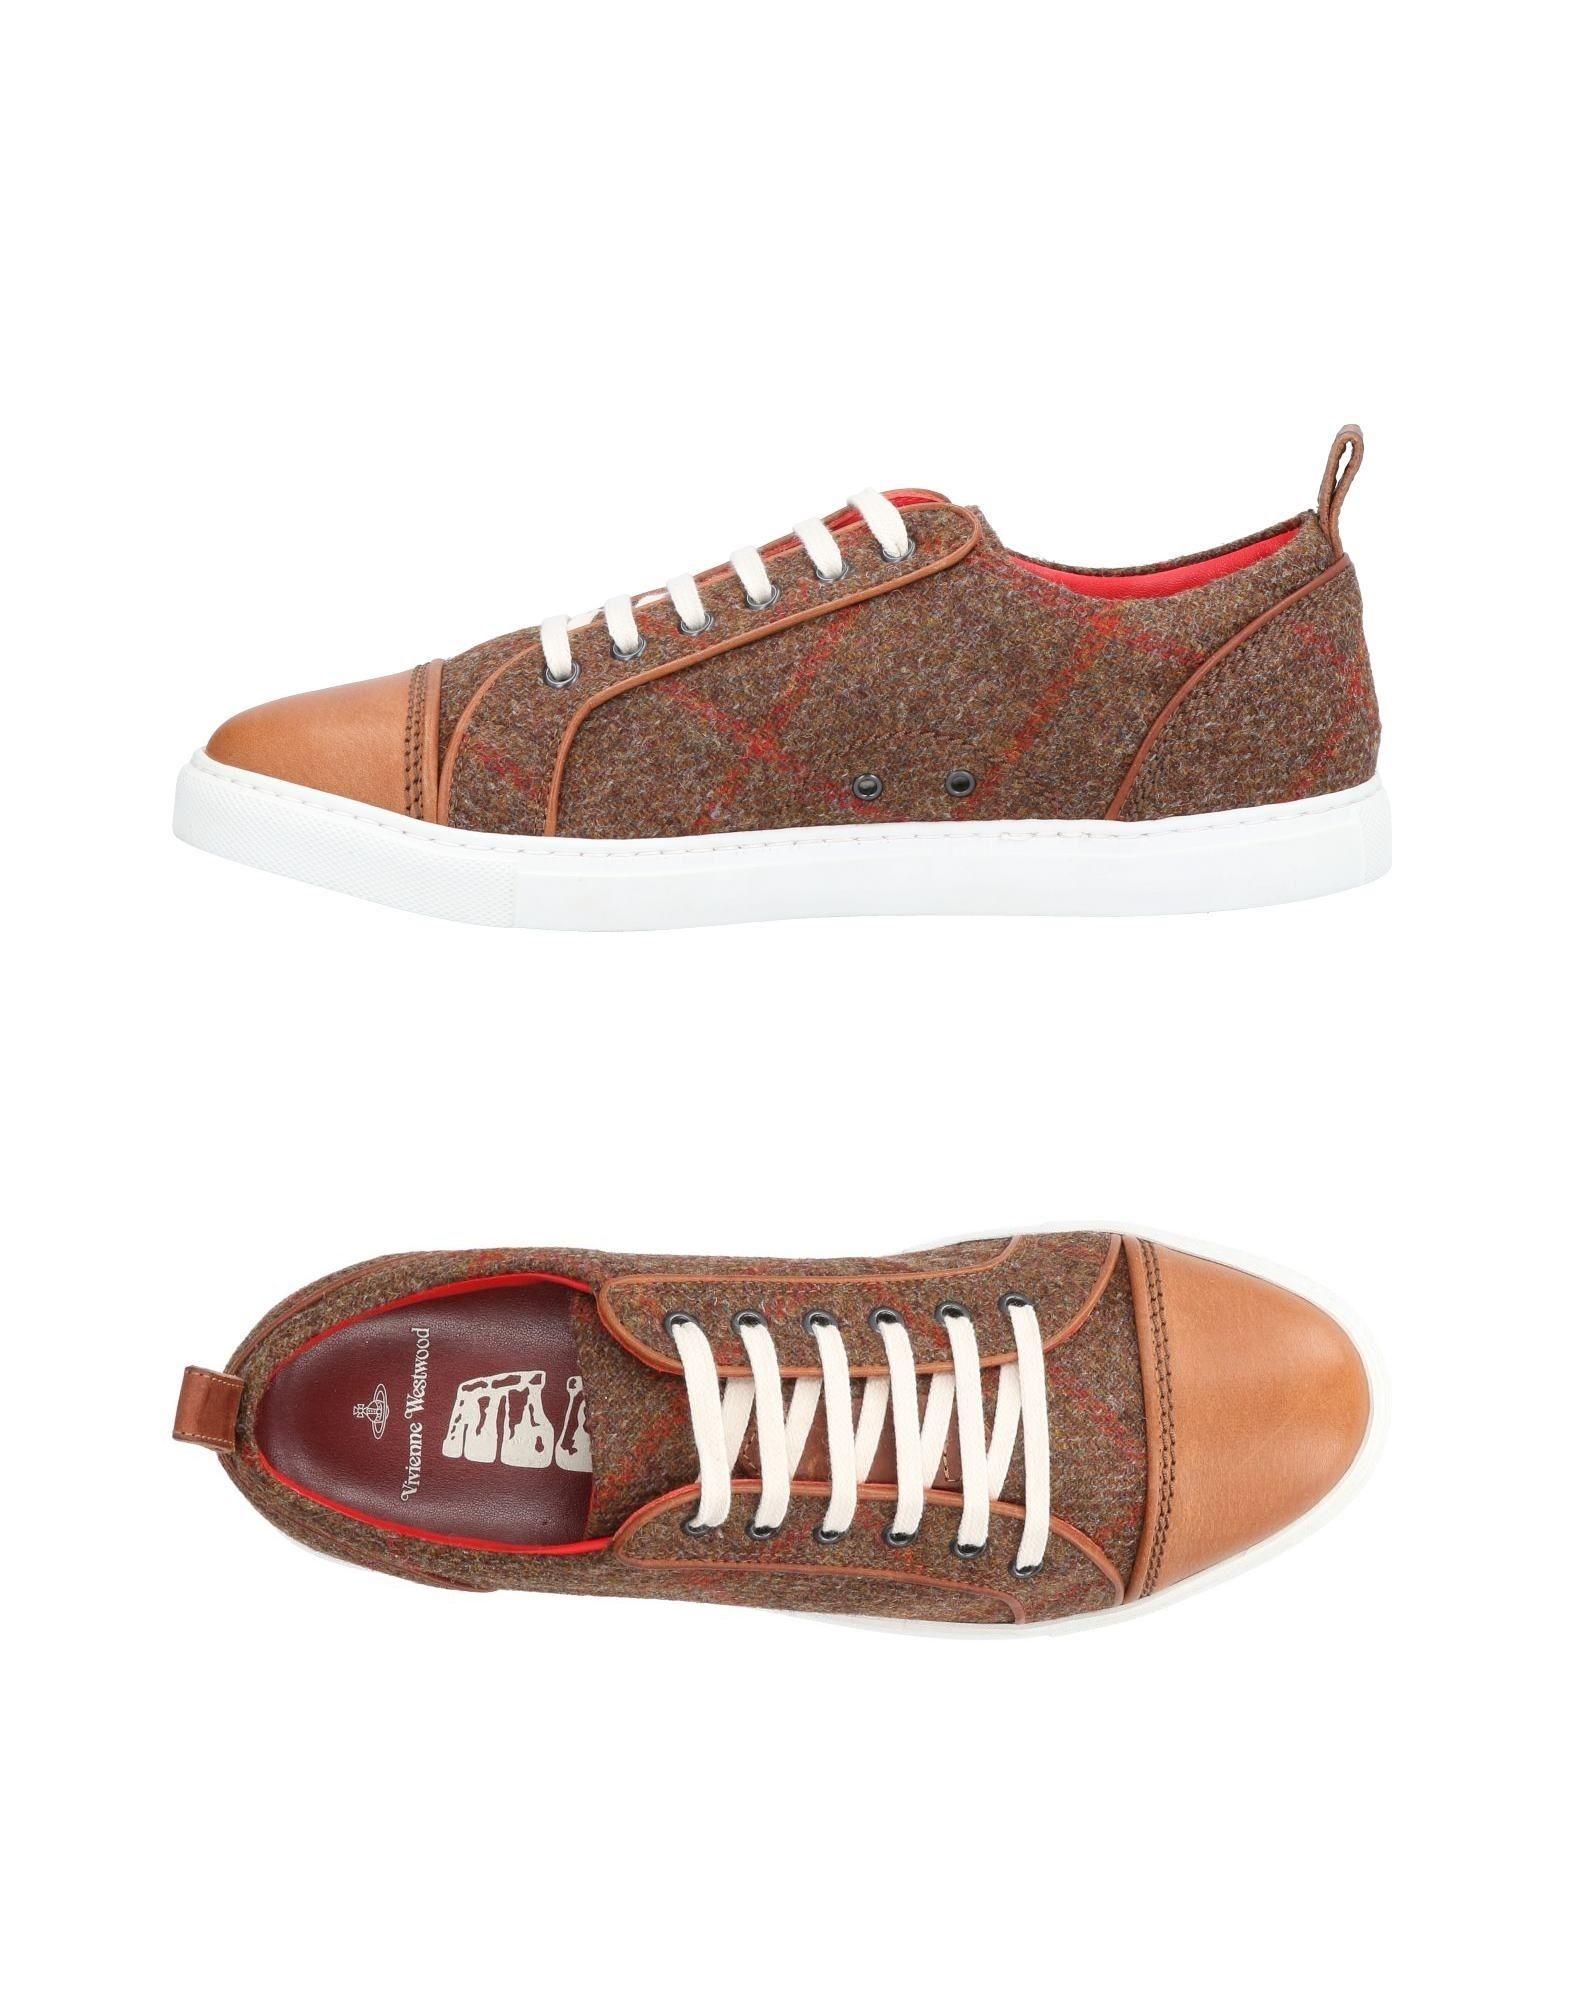 Vivienne Westwood Sneakers Herren  11488993VH Gute Qualität beliebte Schuhe